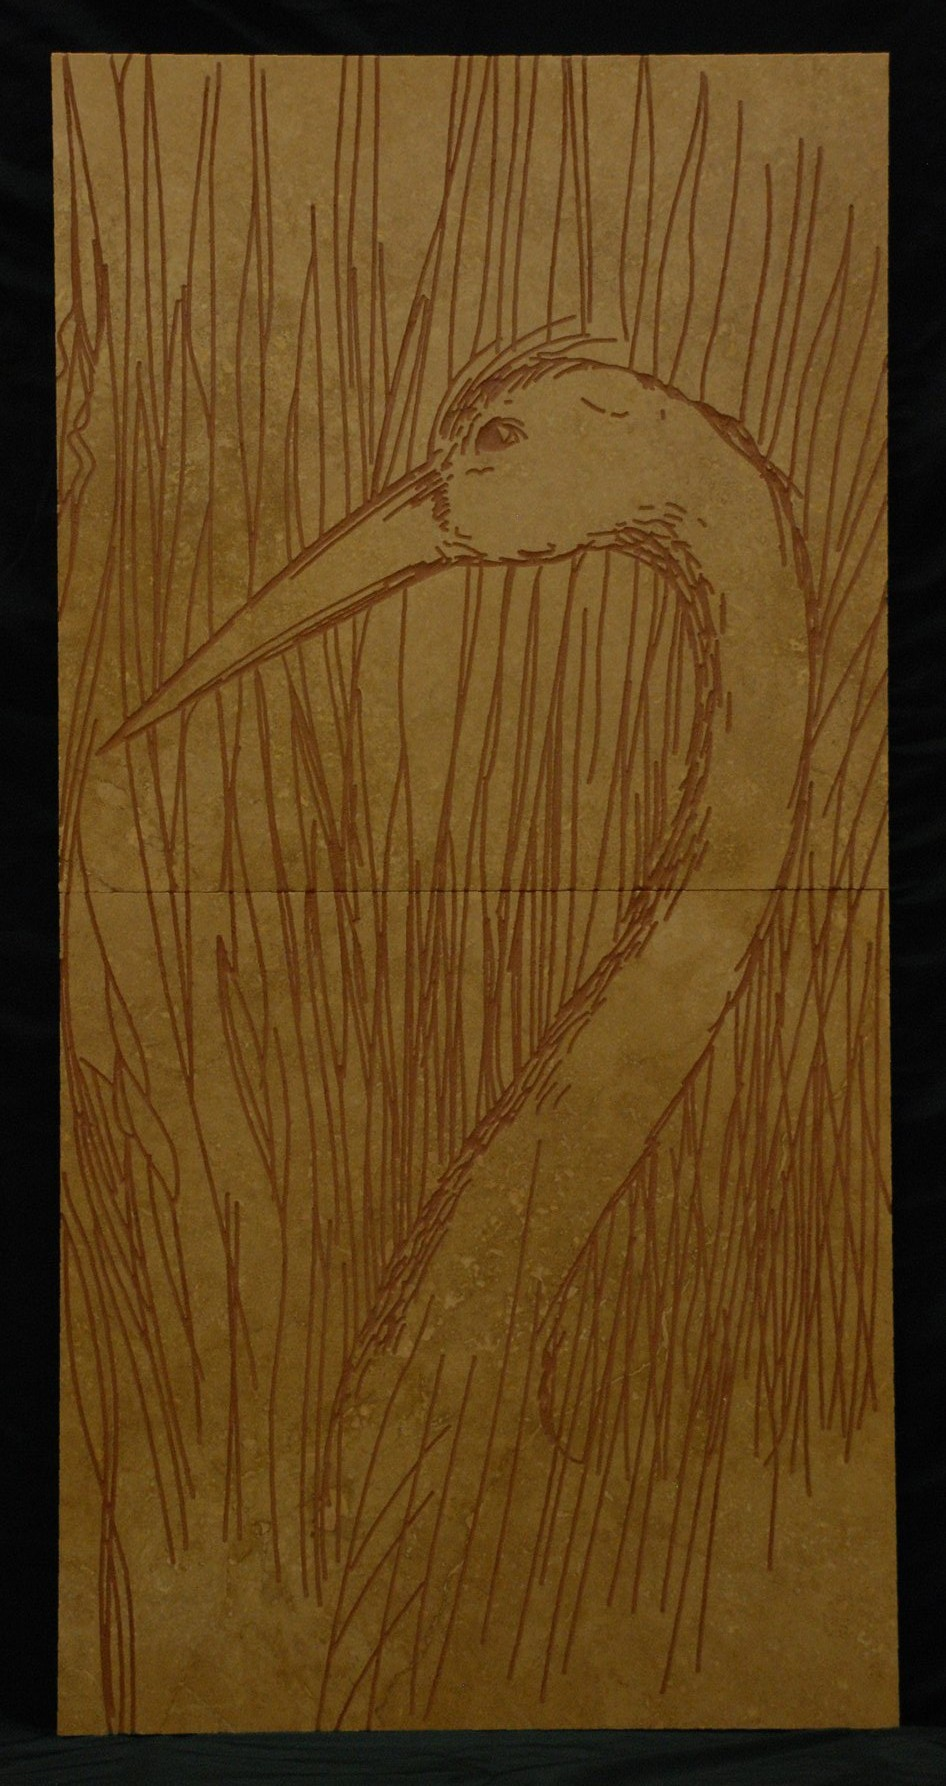 Crane - Engraving on travertine tiles